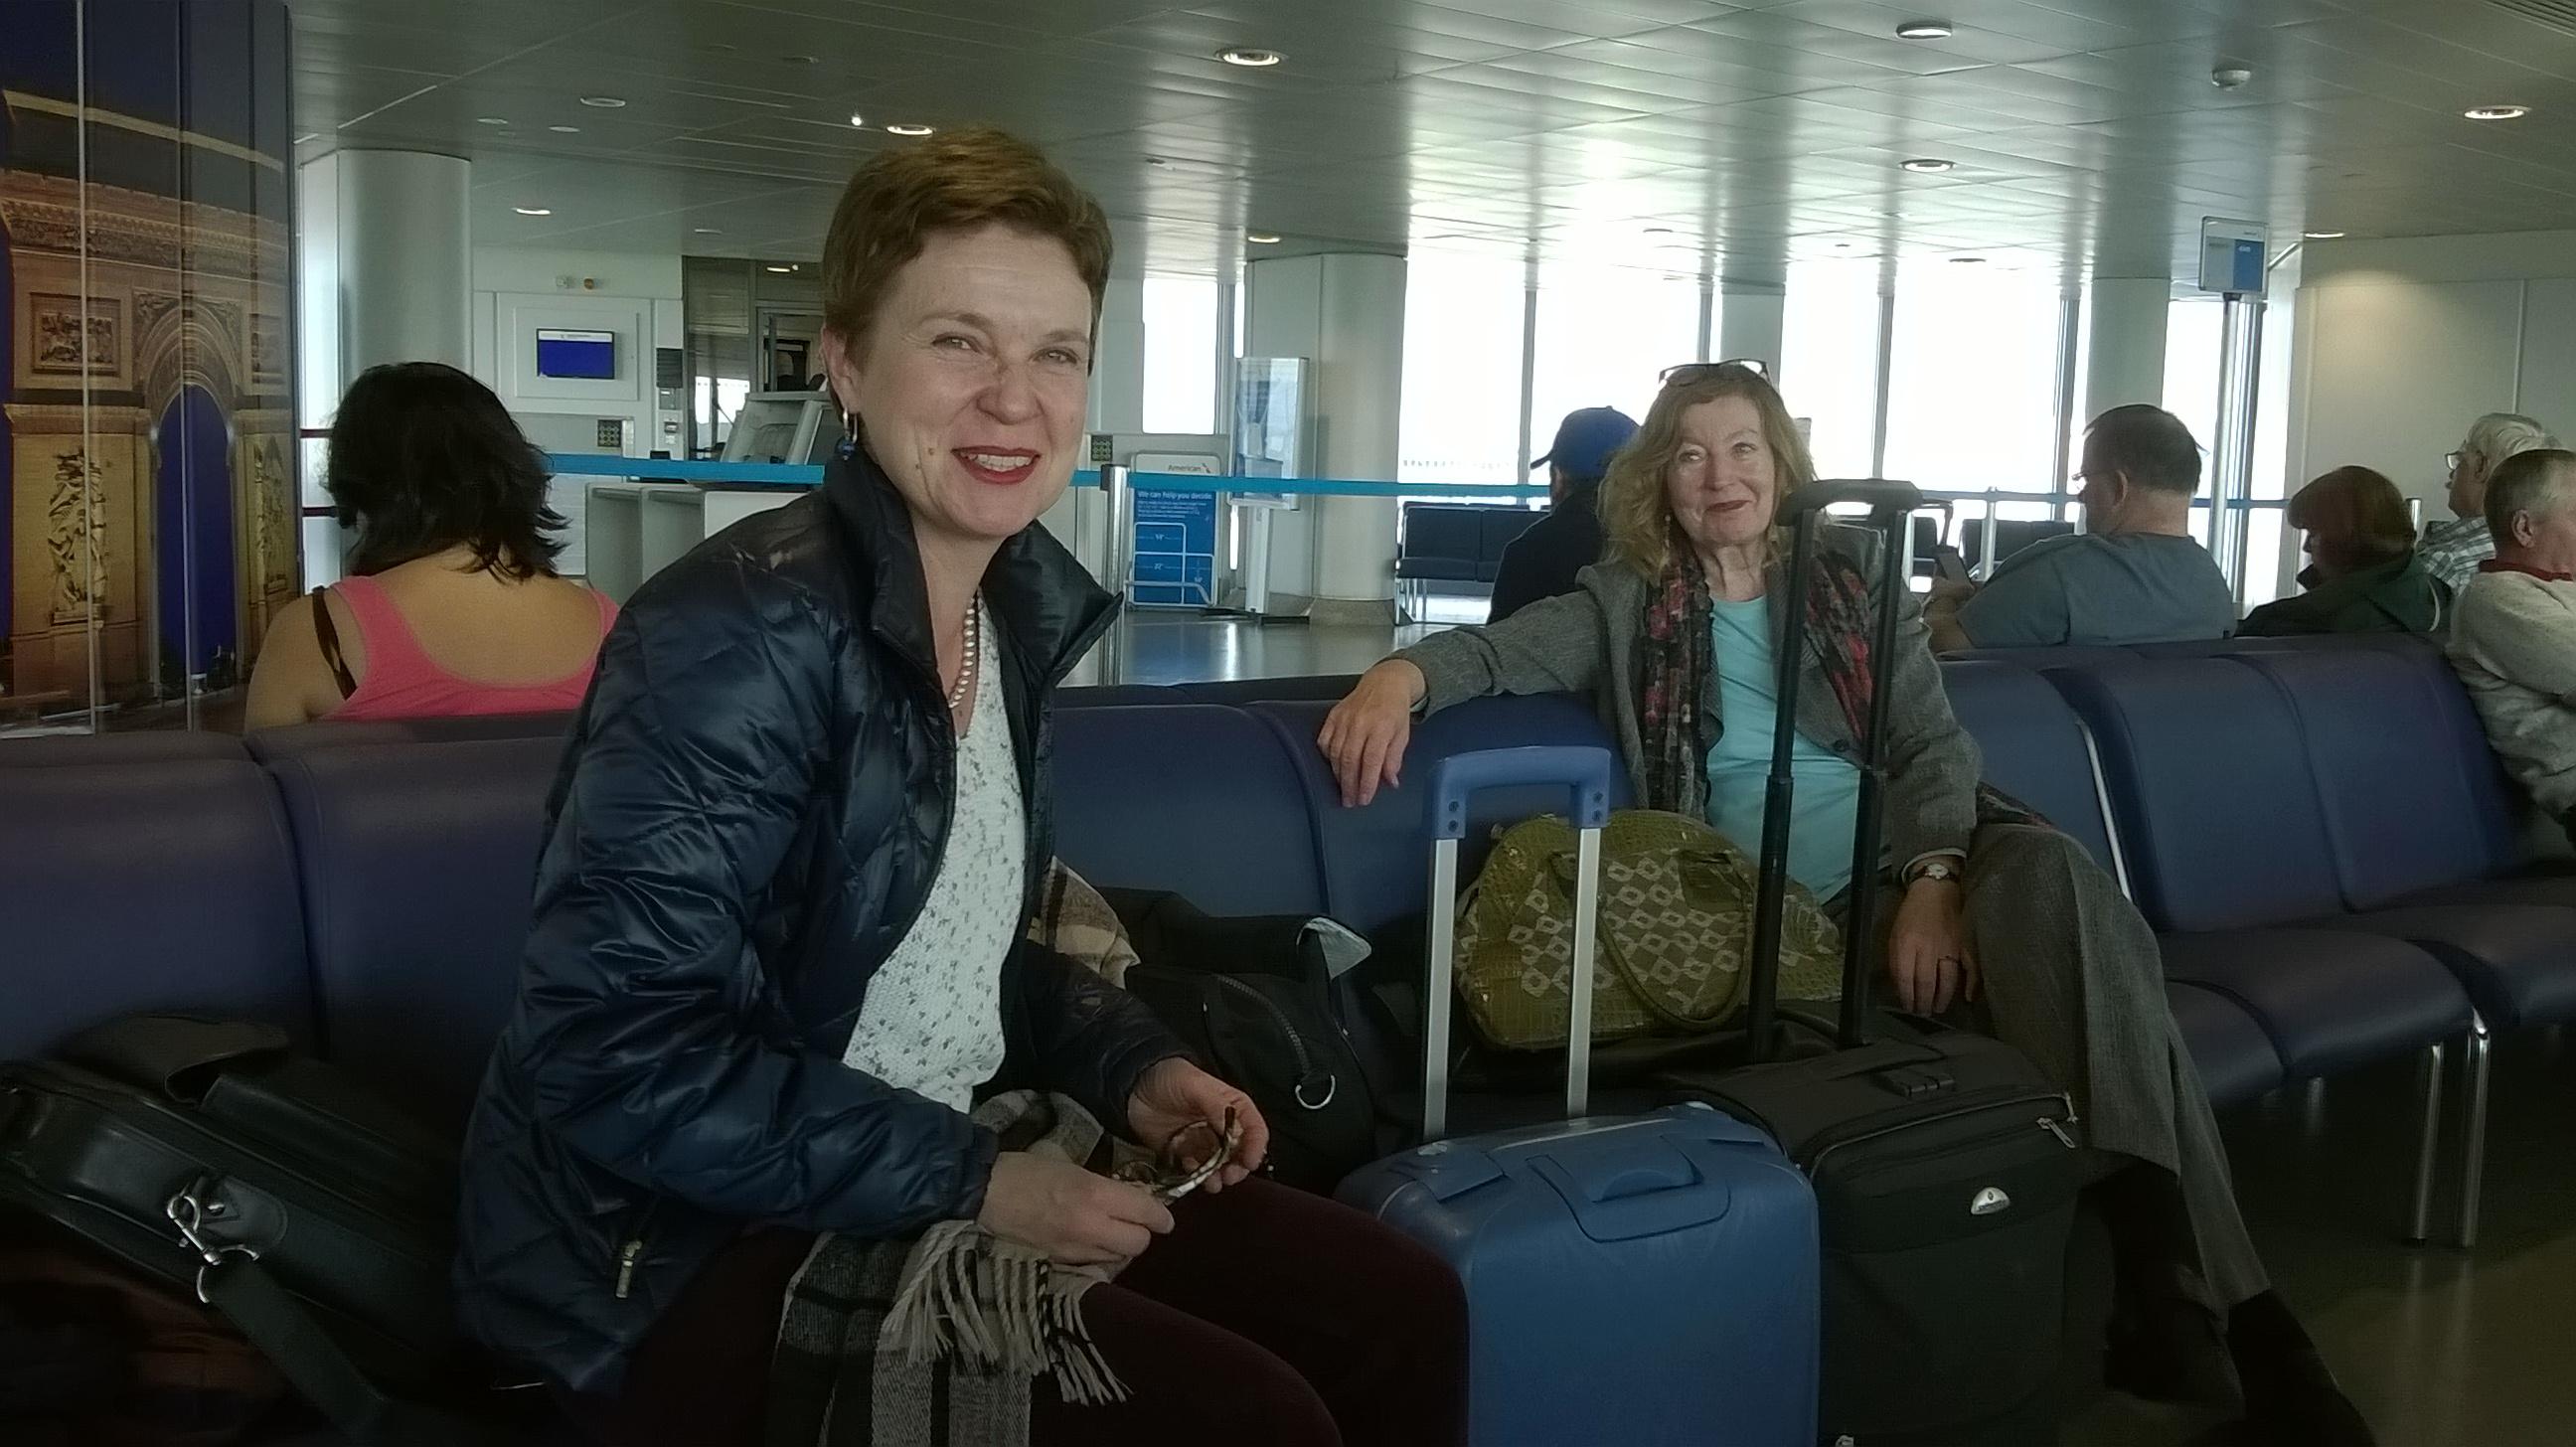 Matkaajat Manchesterissa - Sirpa Kähkönen & Marianne Bargum.